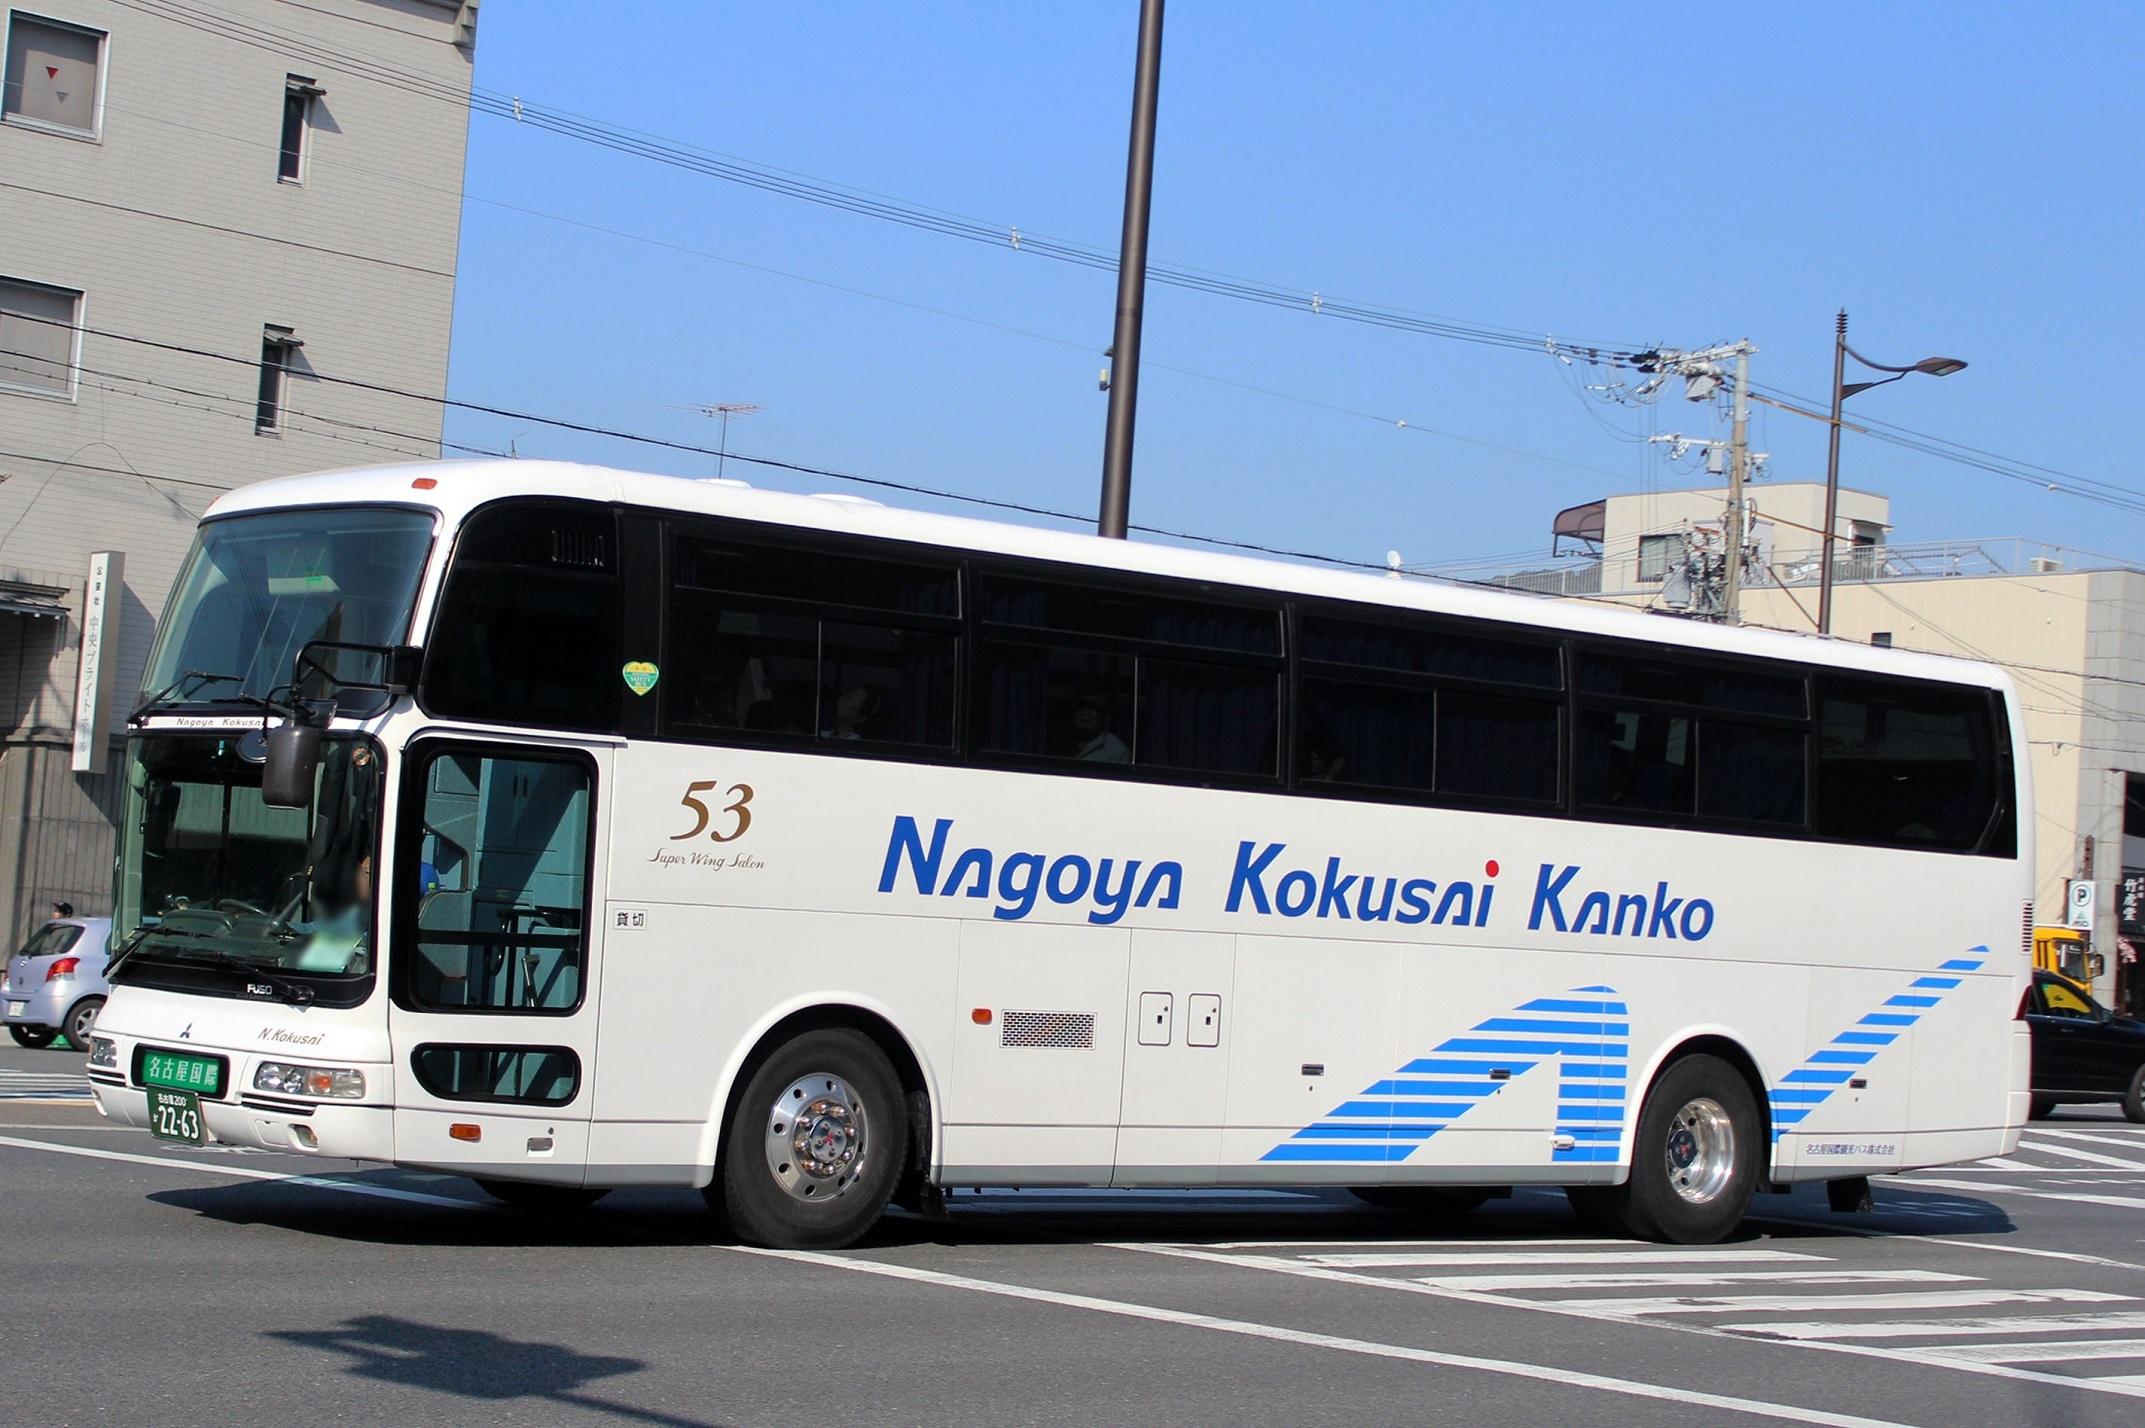 名古屋国際観光バス か2263